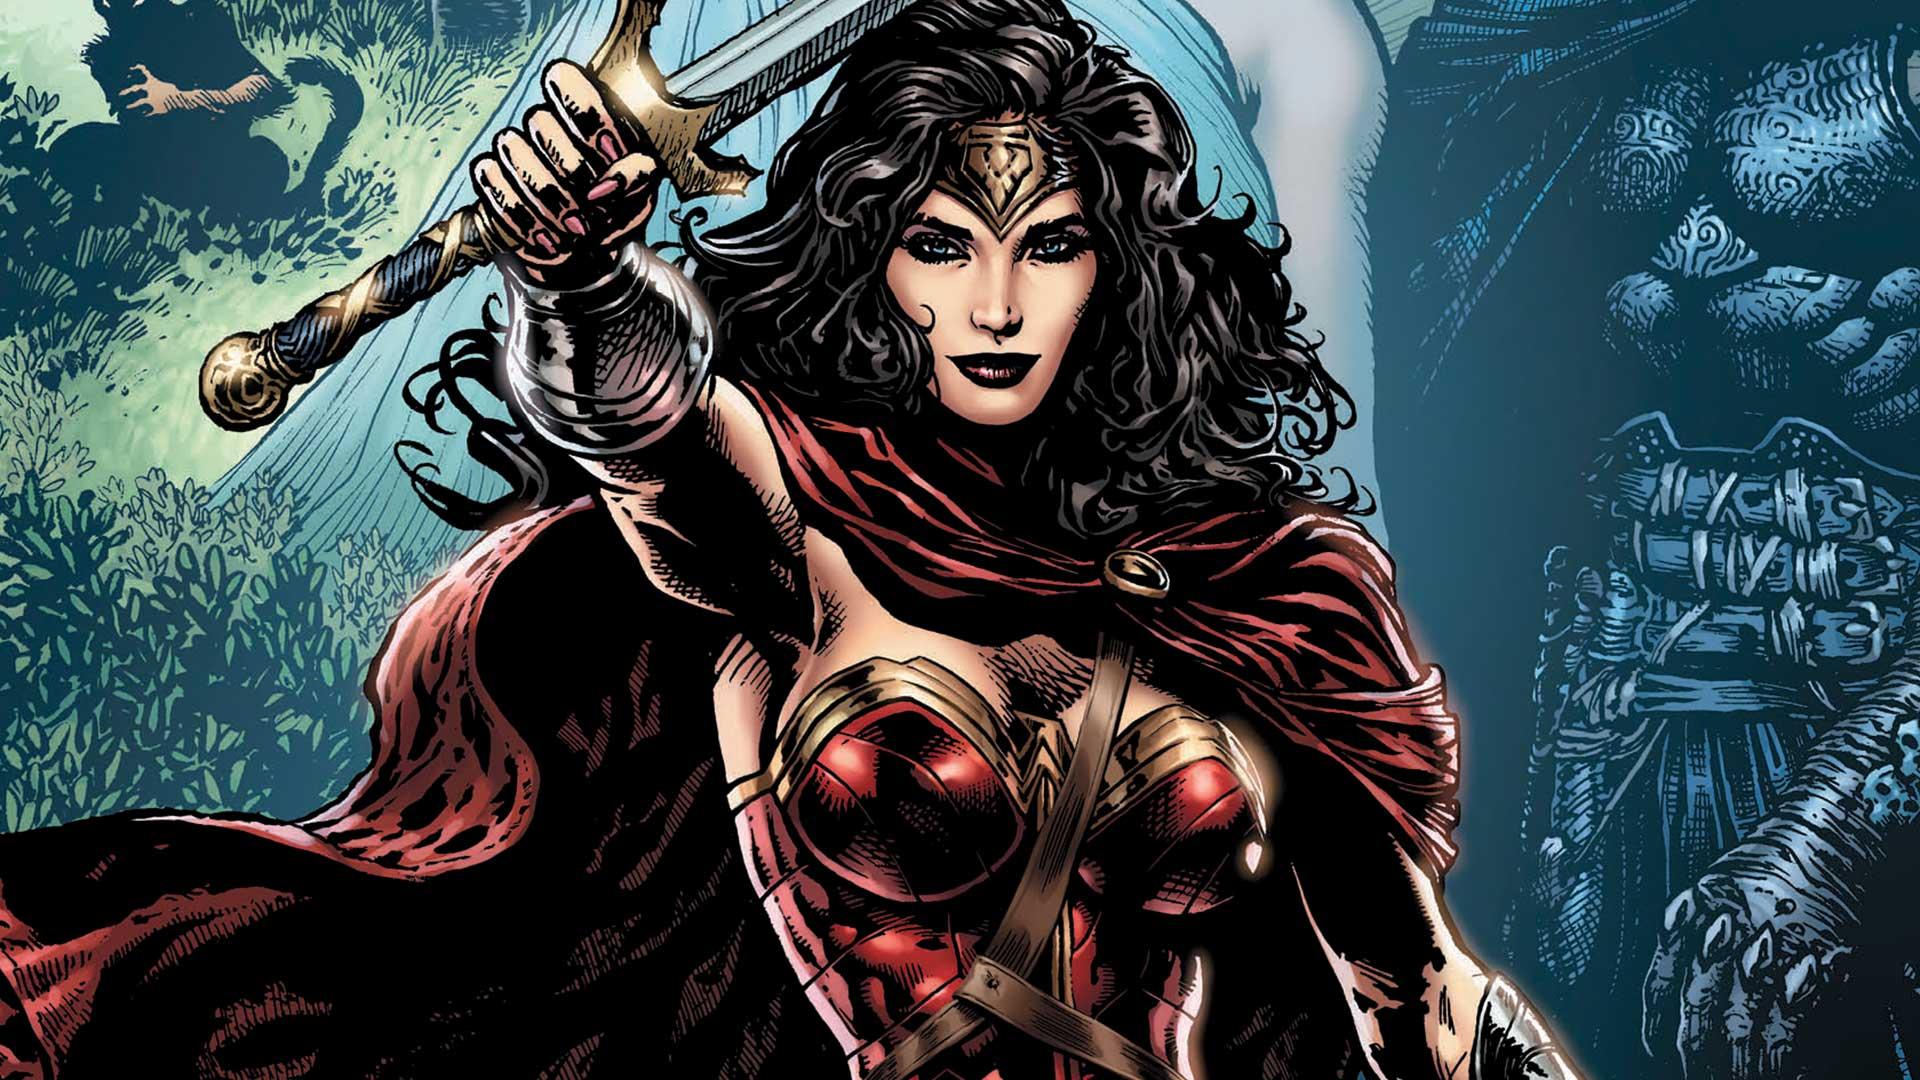 Mitologii Wonder Woman Co Przejawilo Sie Nie Tylko Zmianami W Jej Wizerunku Ale Tez Caloksztalcie Realiow Ktorych Zwykla Ona Funkcjonowac